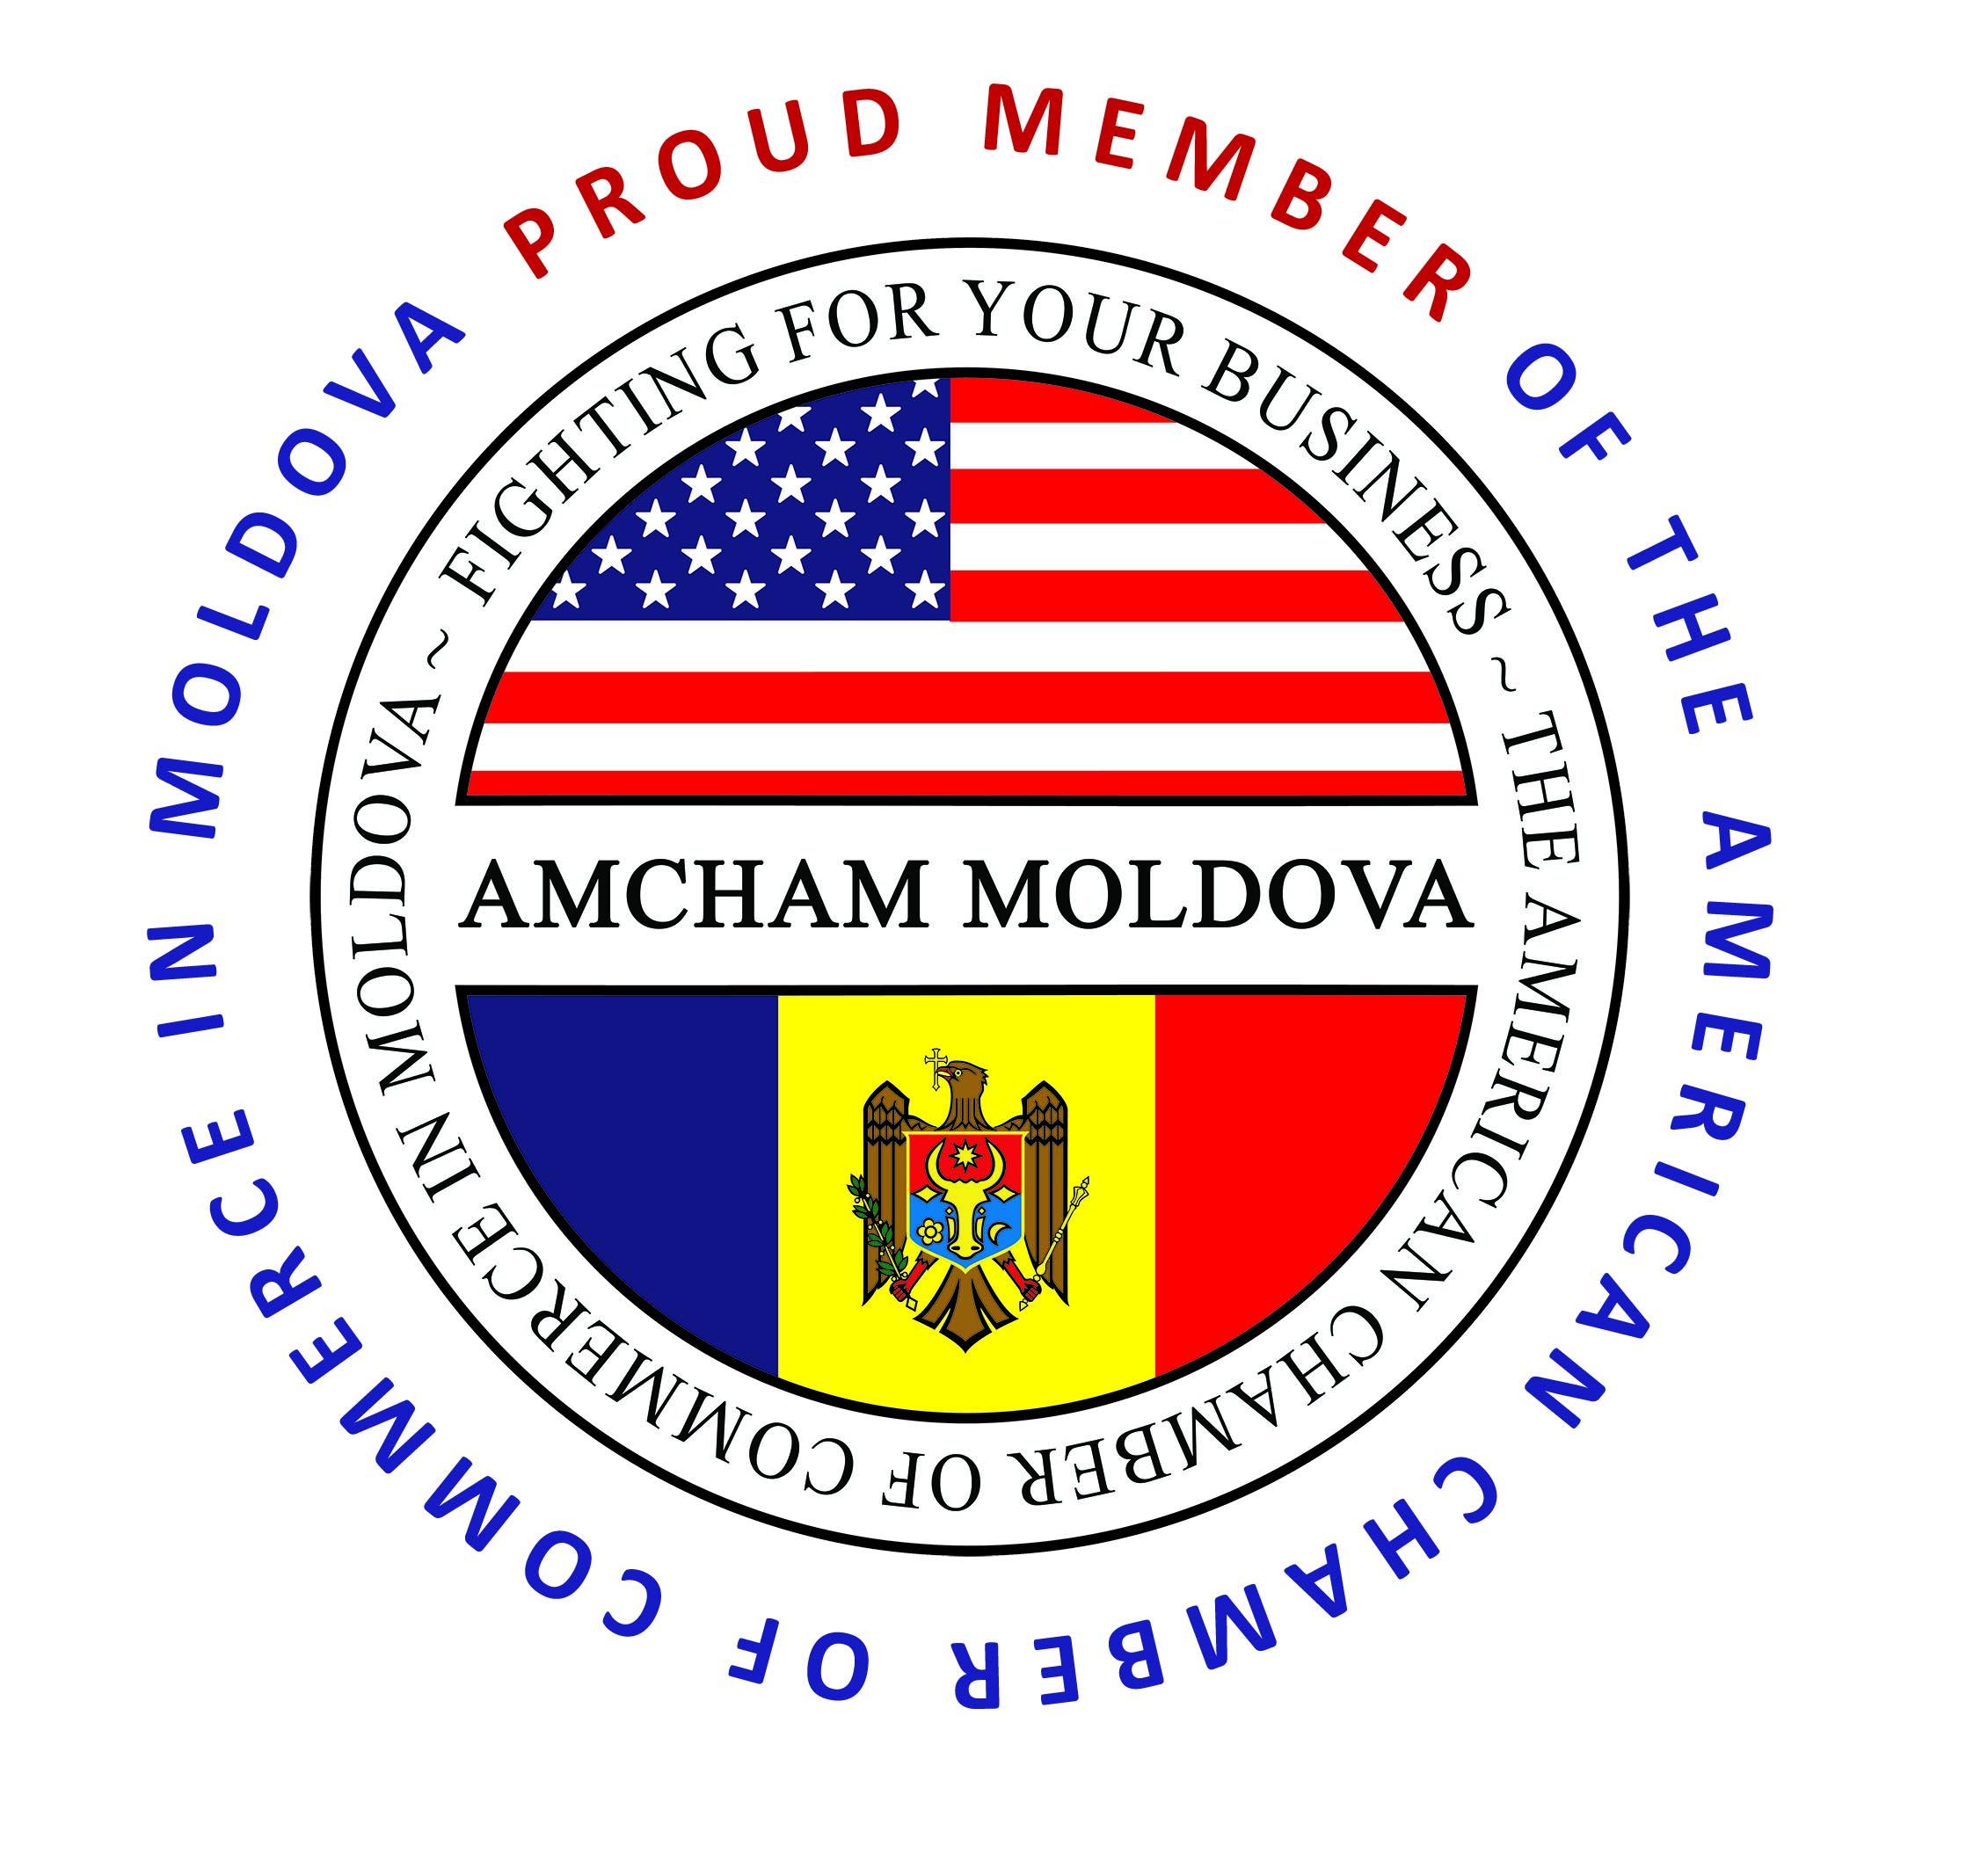 AmCham Moldova